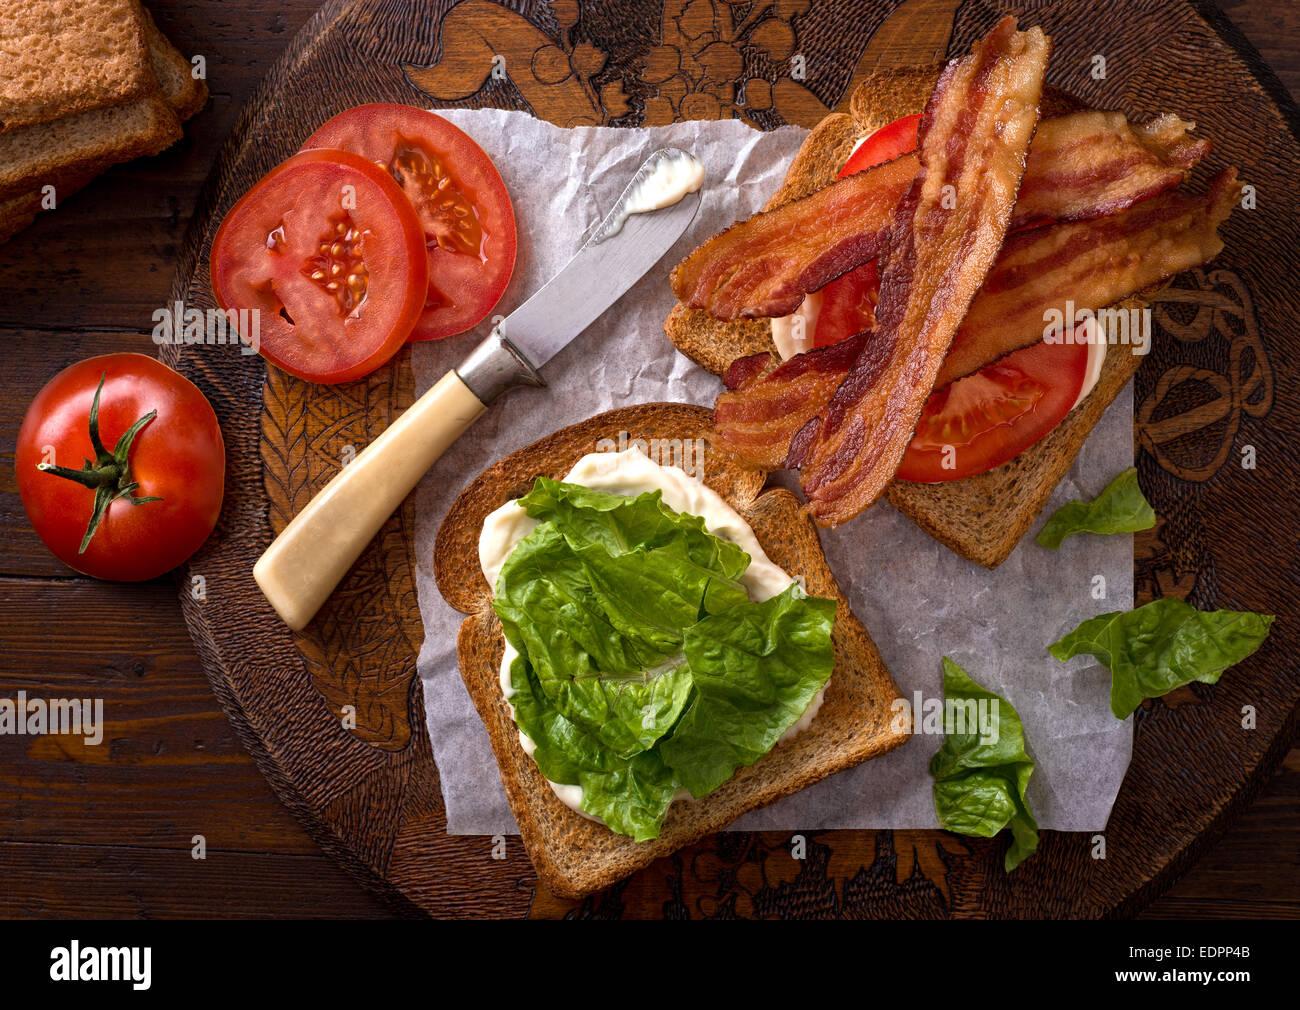 Un delicioso BLT bacon, lechuga y tomate sándwich en rústica mesa. Imagen De Stock